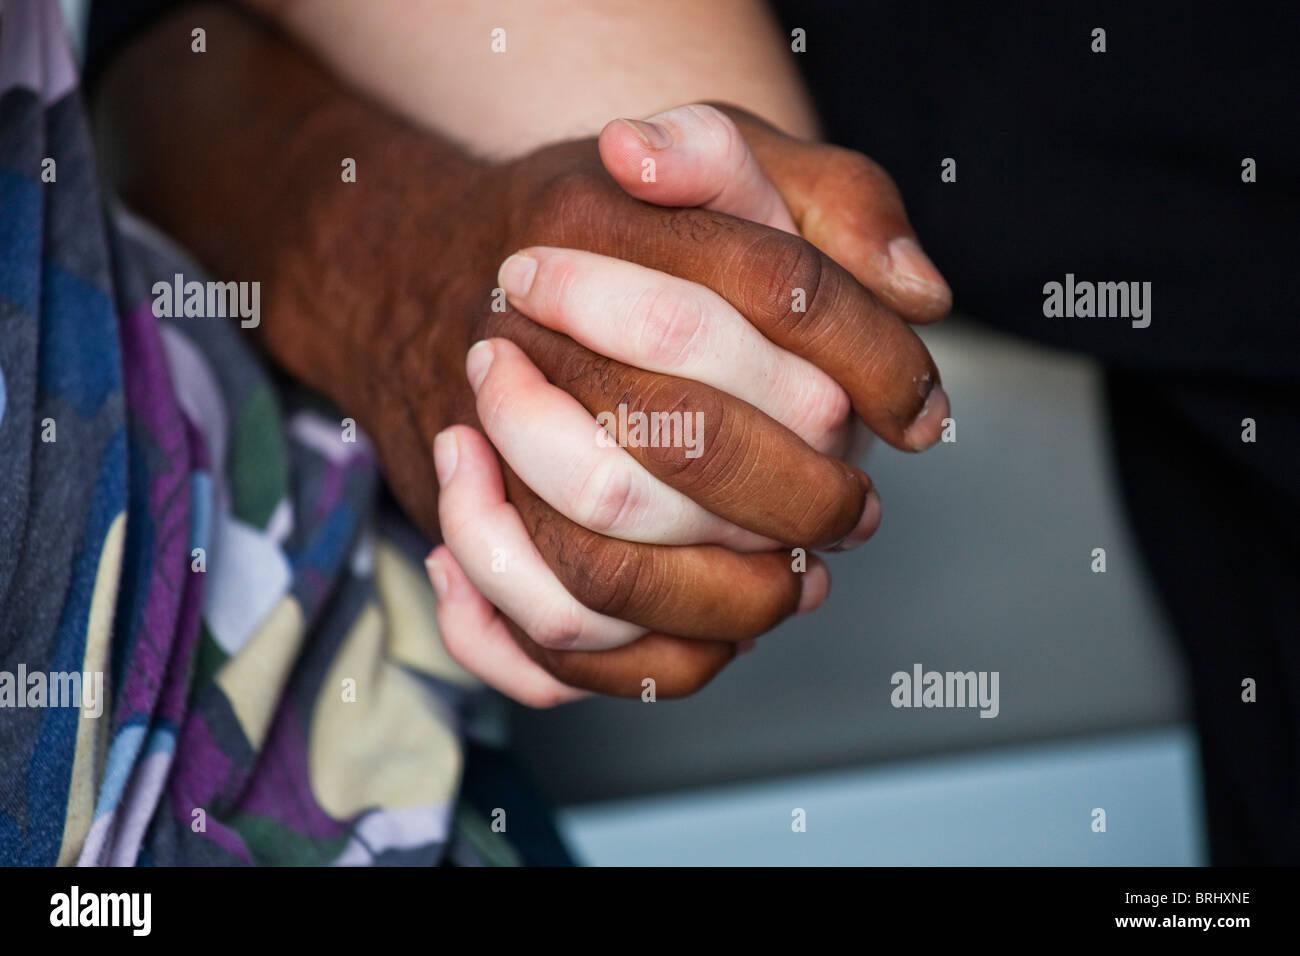 Schwule interrassische Dating-nyc